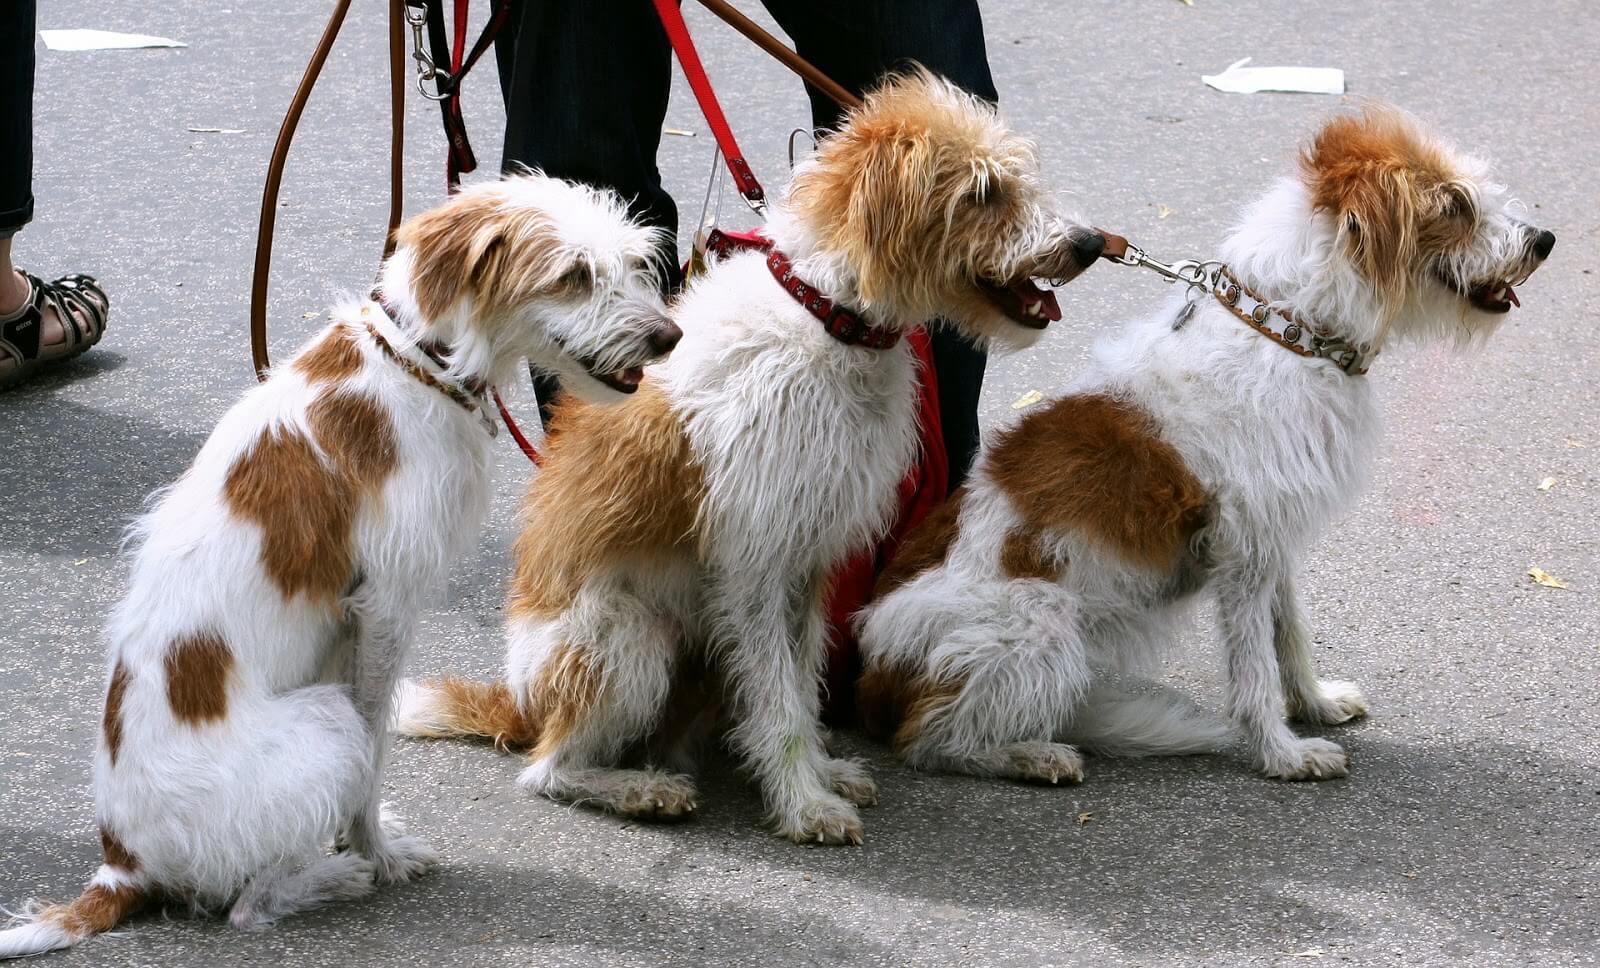 Evite las estafas comunes de Care.com y garantice un tratamiento adecuado para sus queridas mascotas